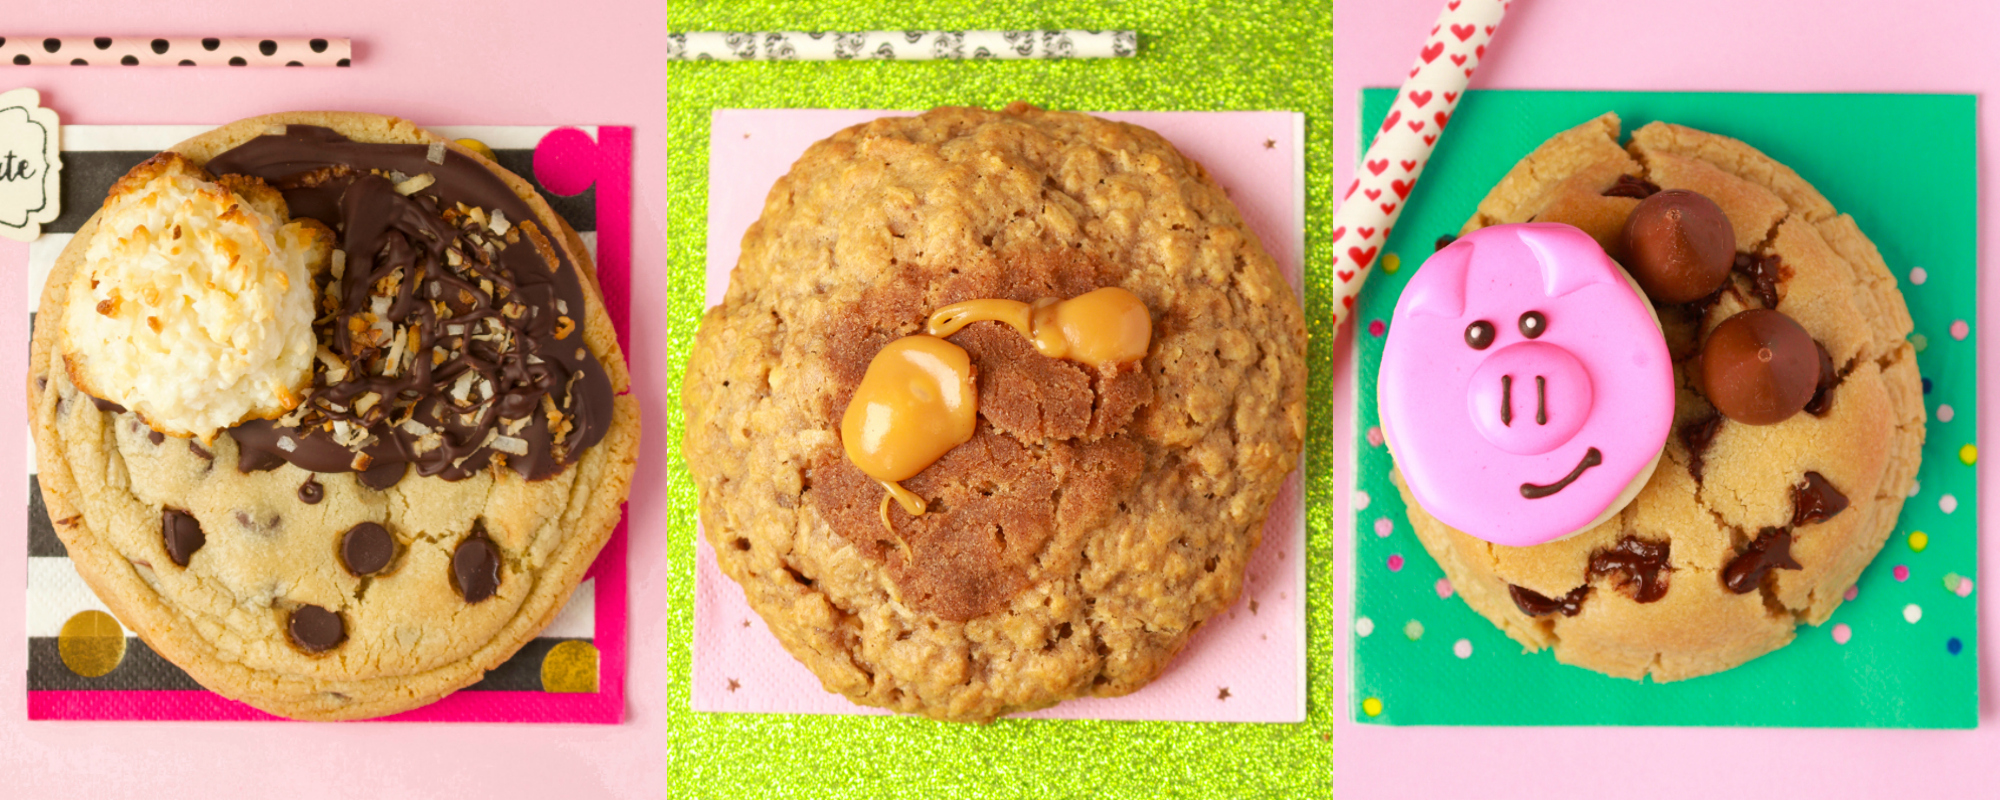 XL Cookies